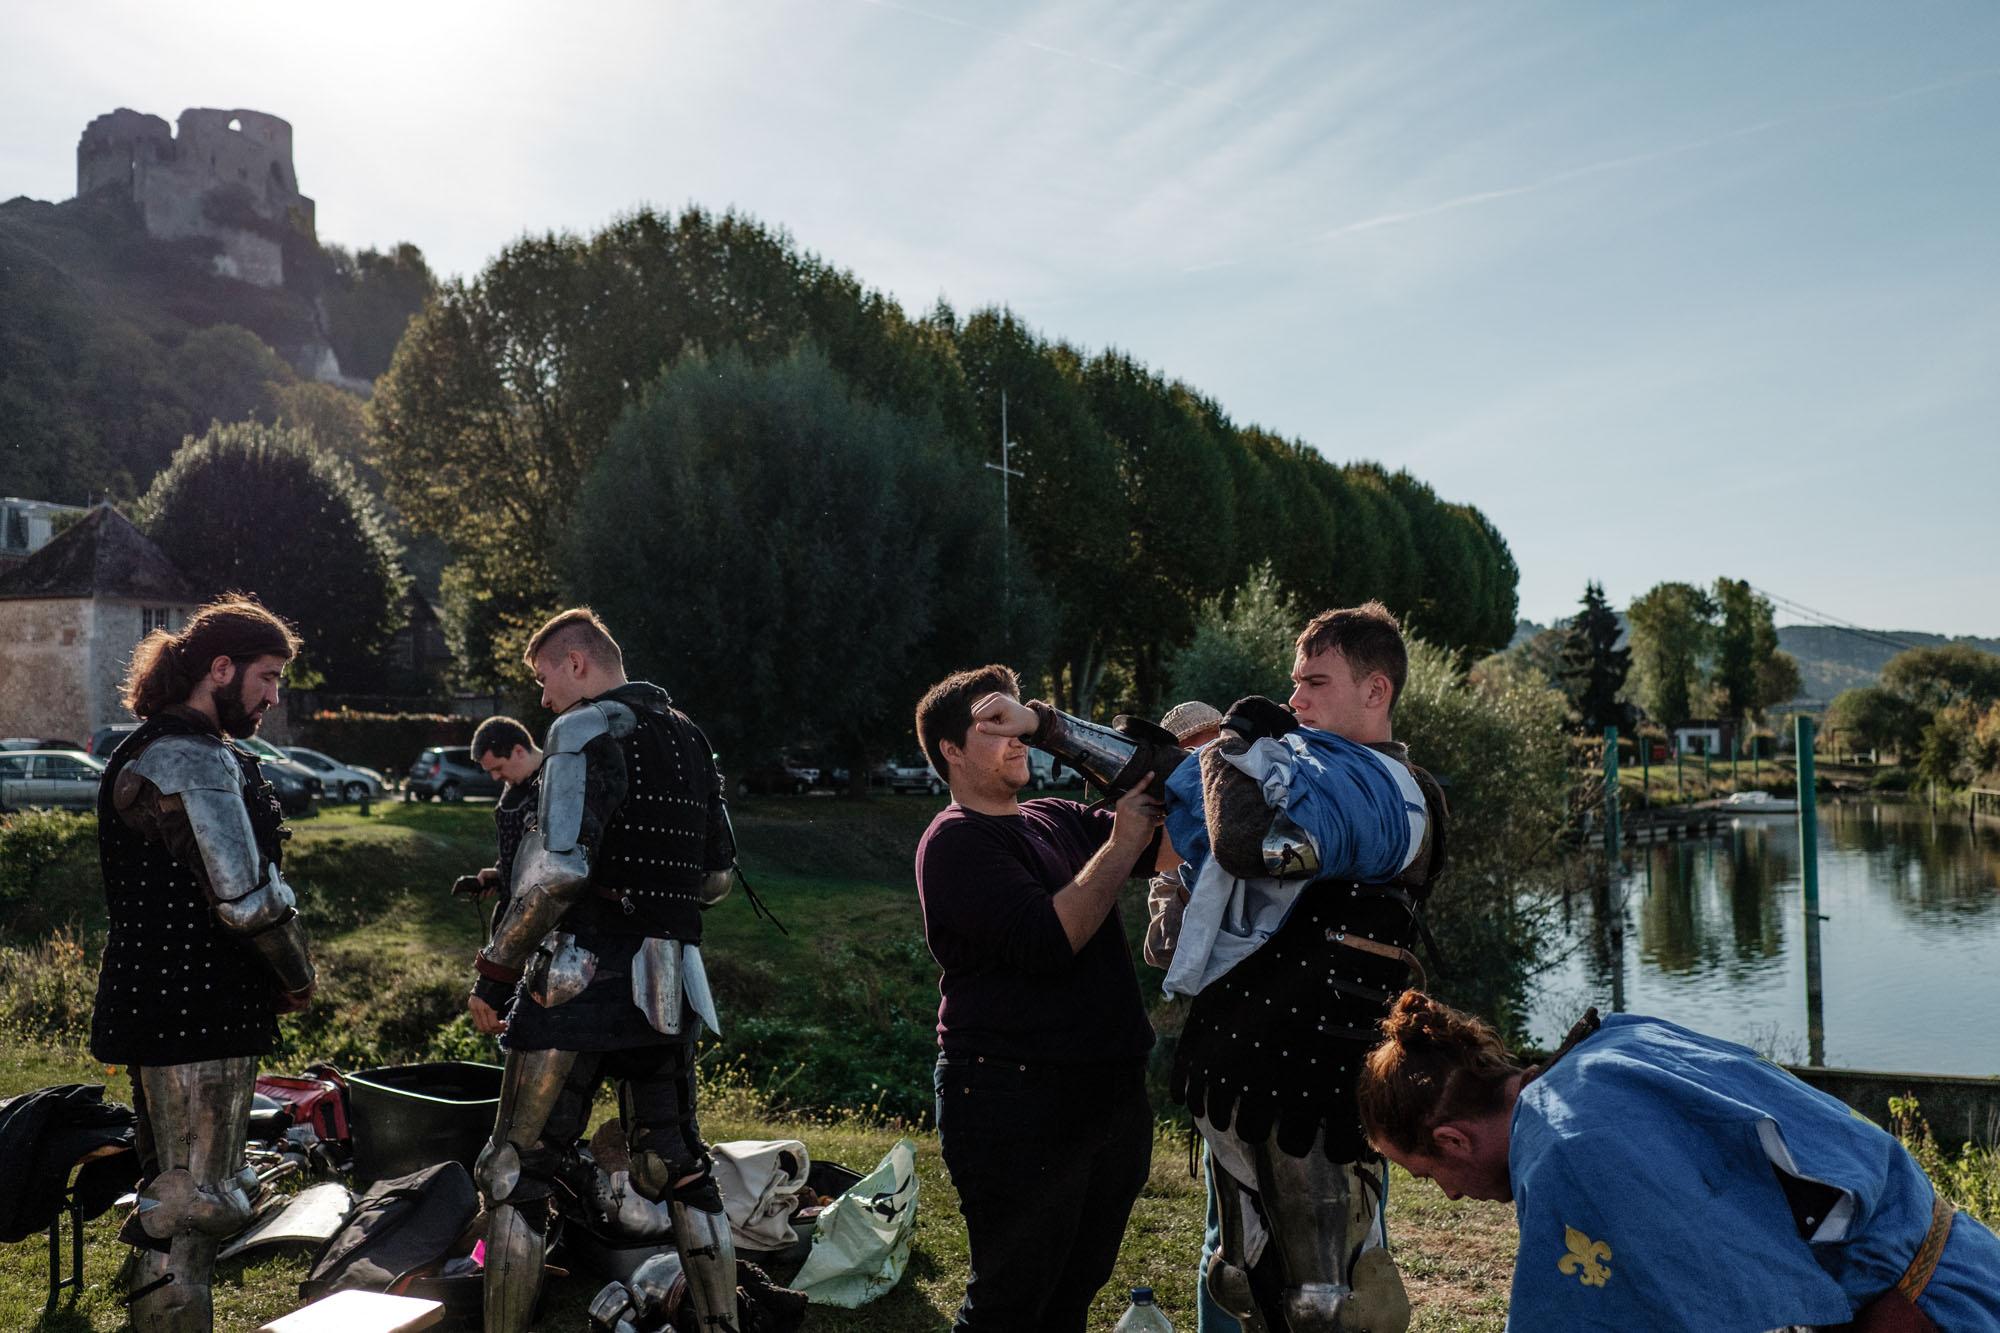 Tournoi de Behourd en equipe ( 5 contre 5) dans le village des Andelys (Eure), avant dernier tournois pour le championnat de France de l'annee.